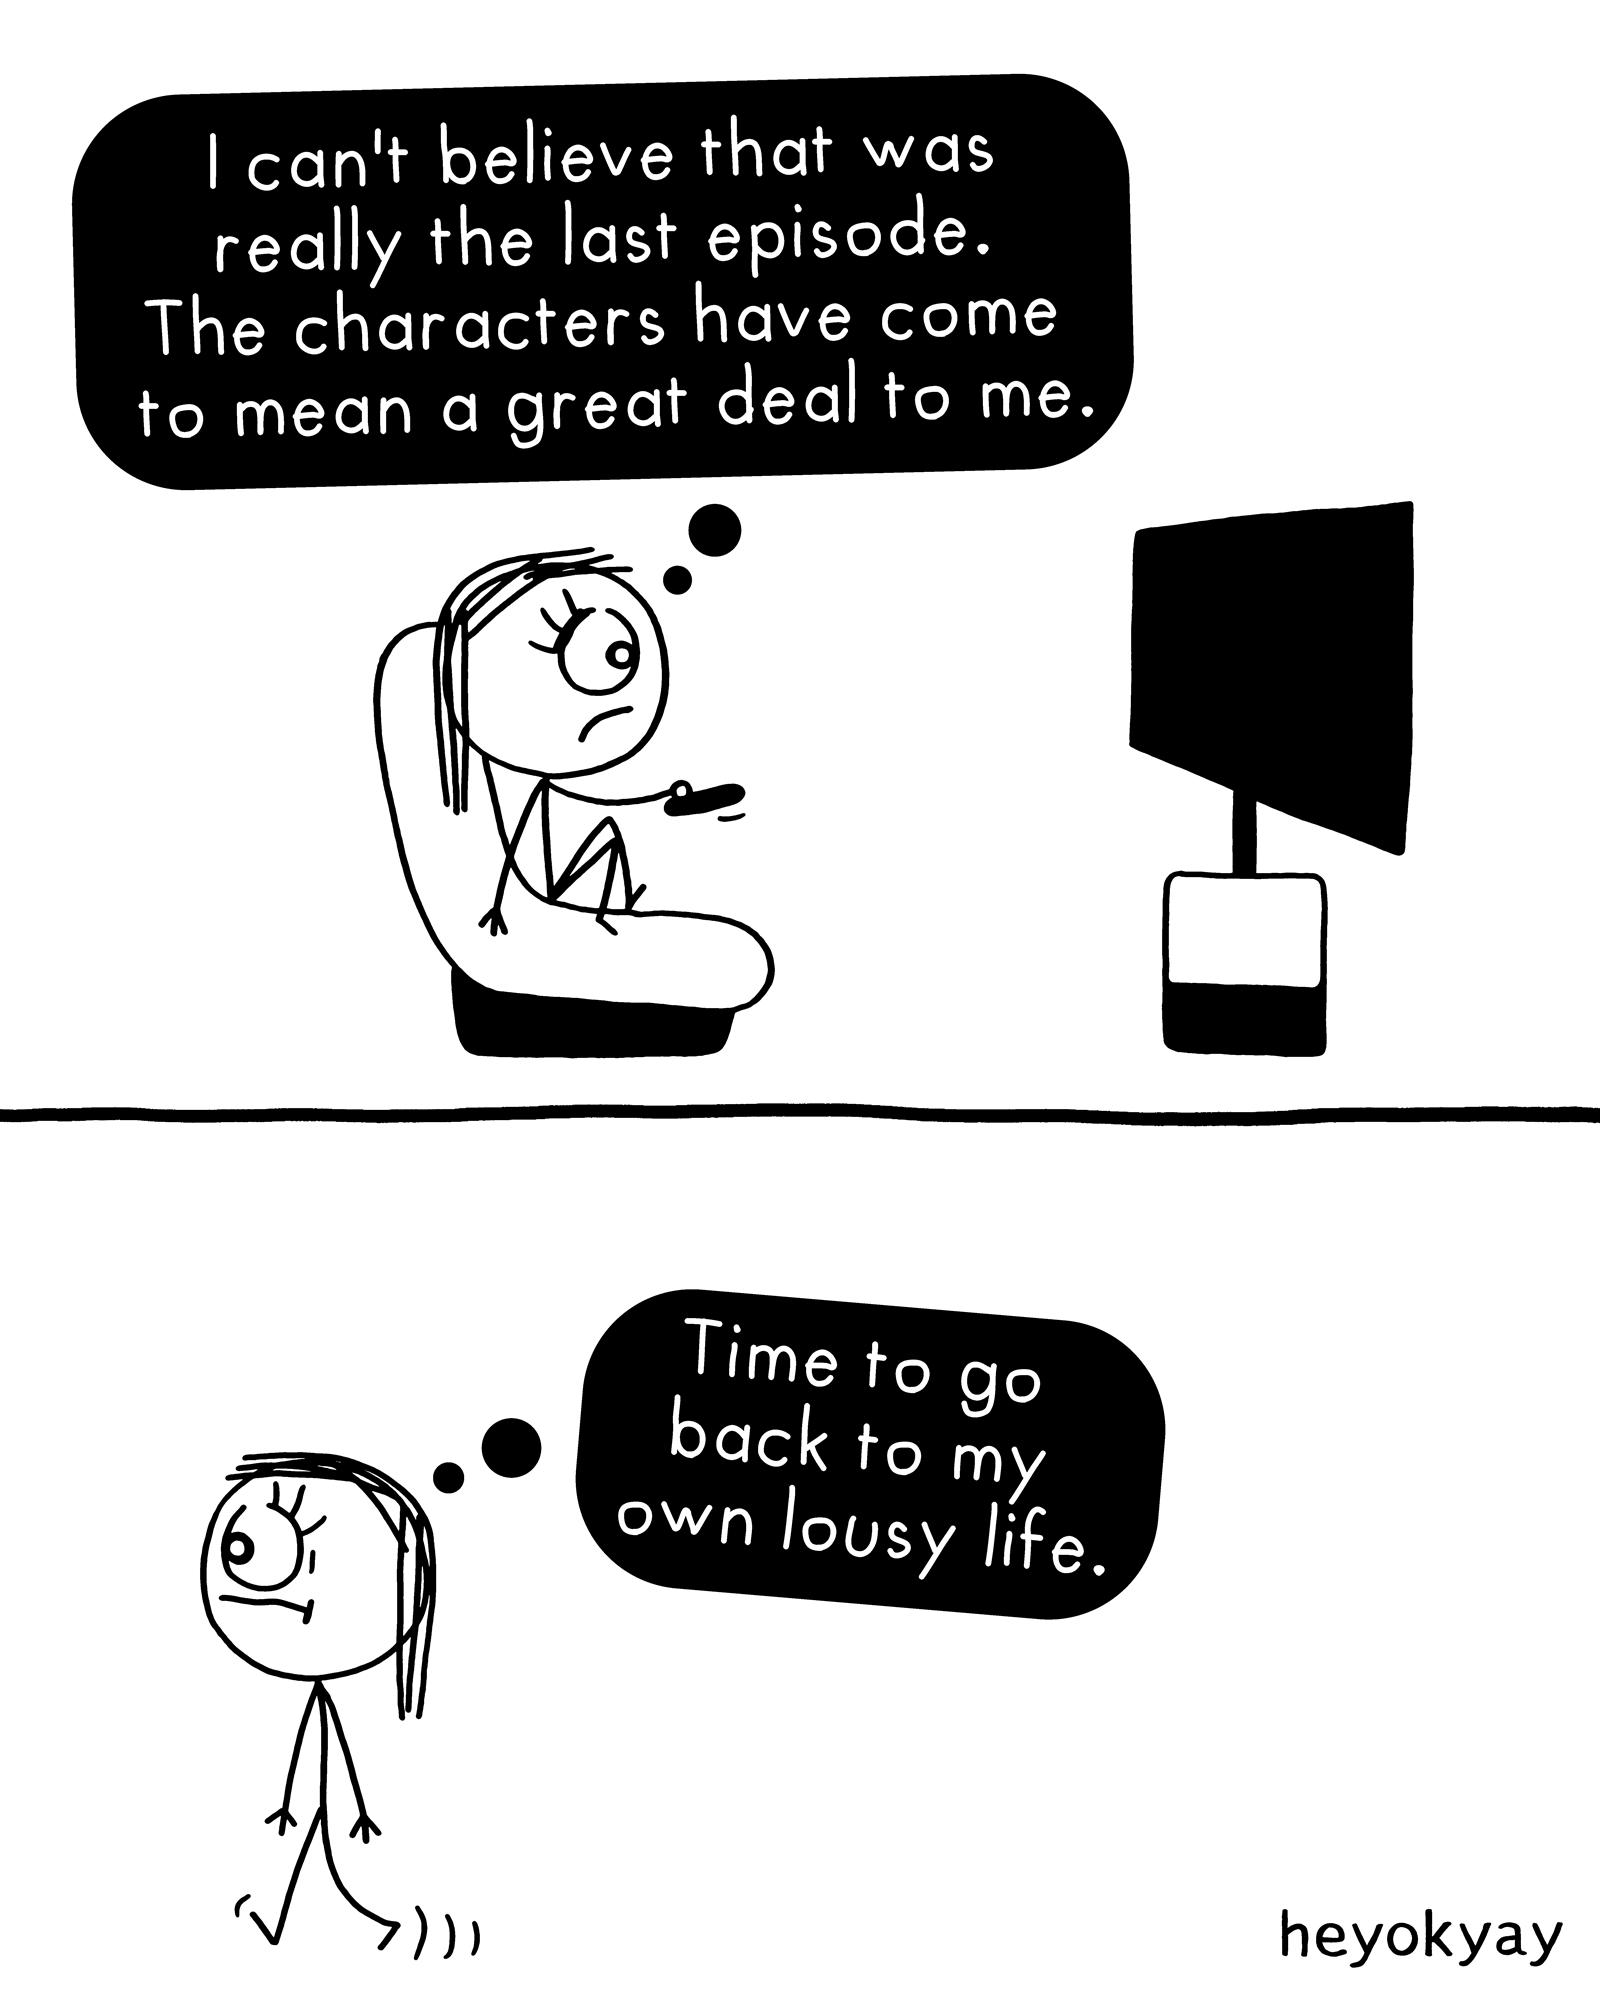 Last Episode heyokyay comic